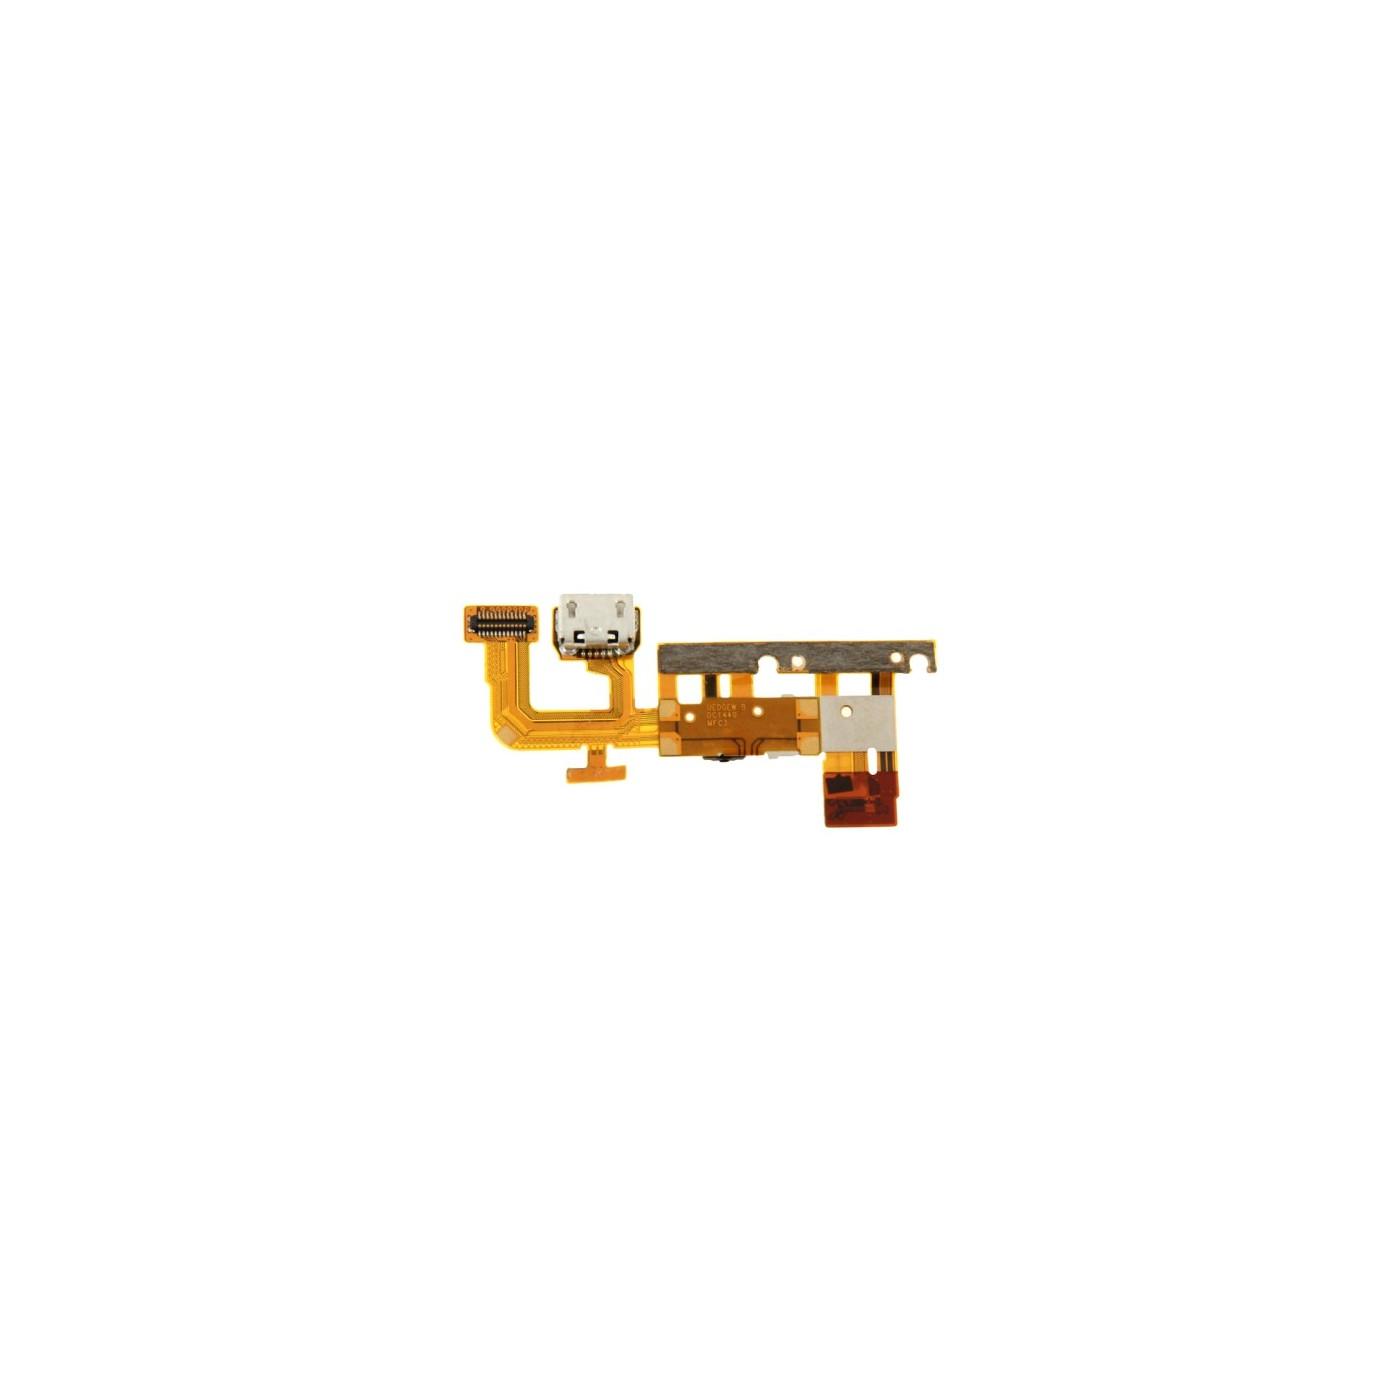 Conector de carga plana y flexible para datos de carga del muelle Huawei Ascend P6